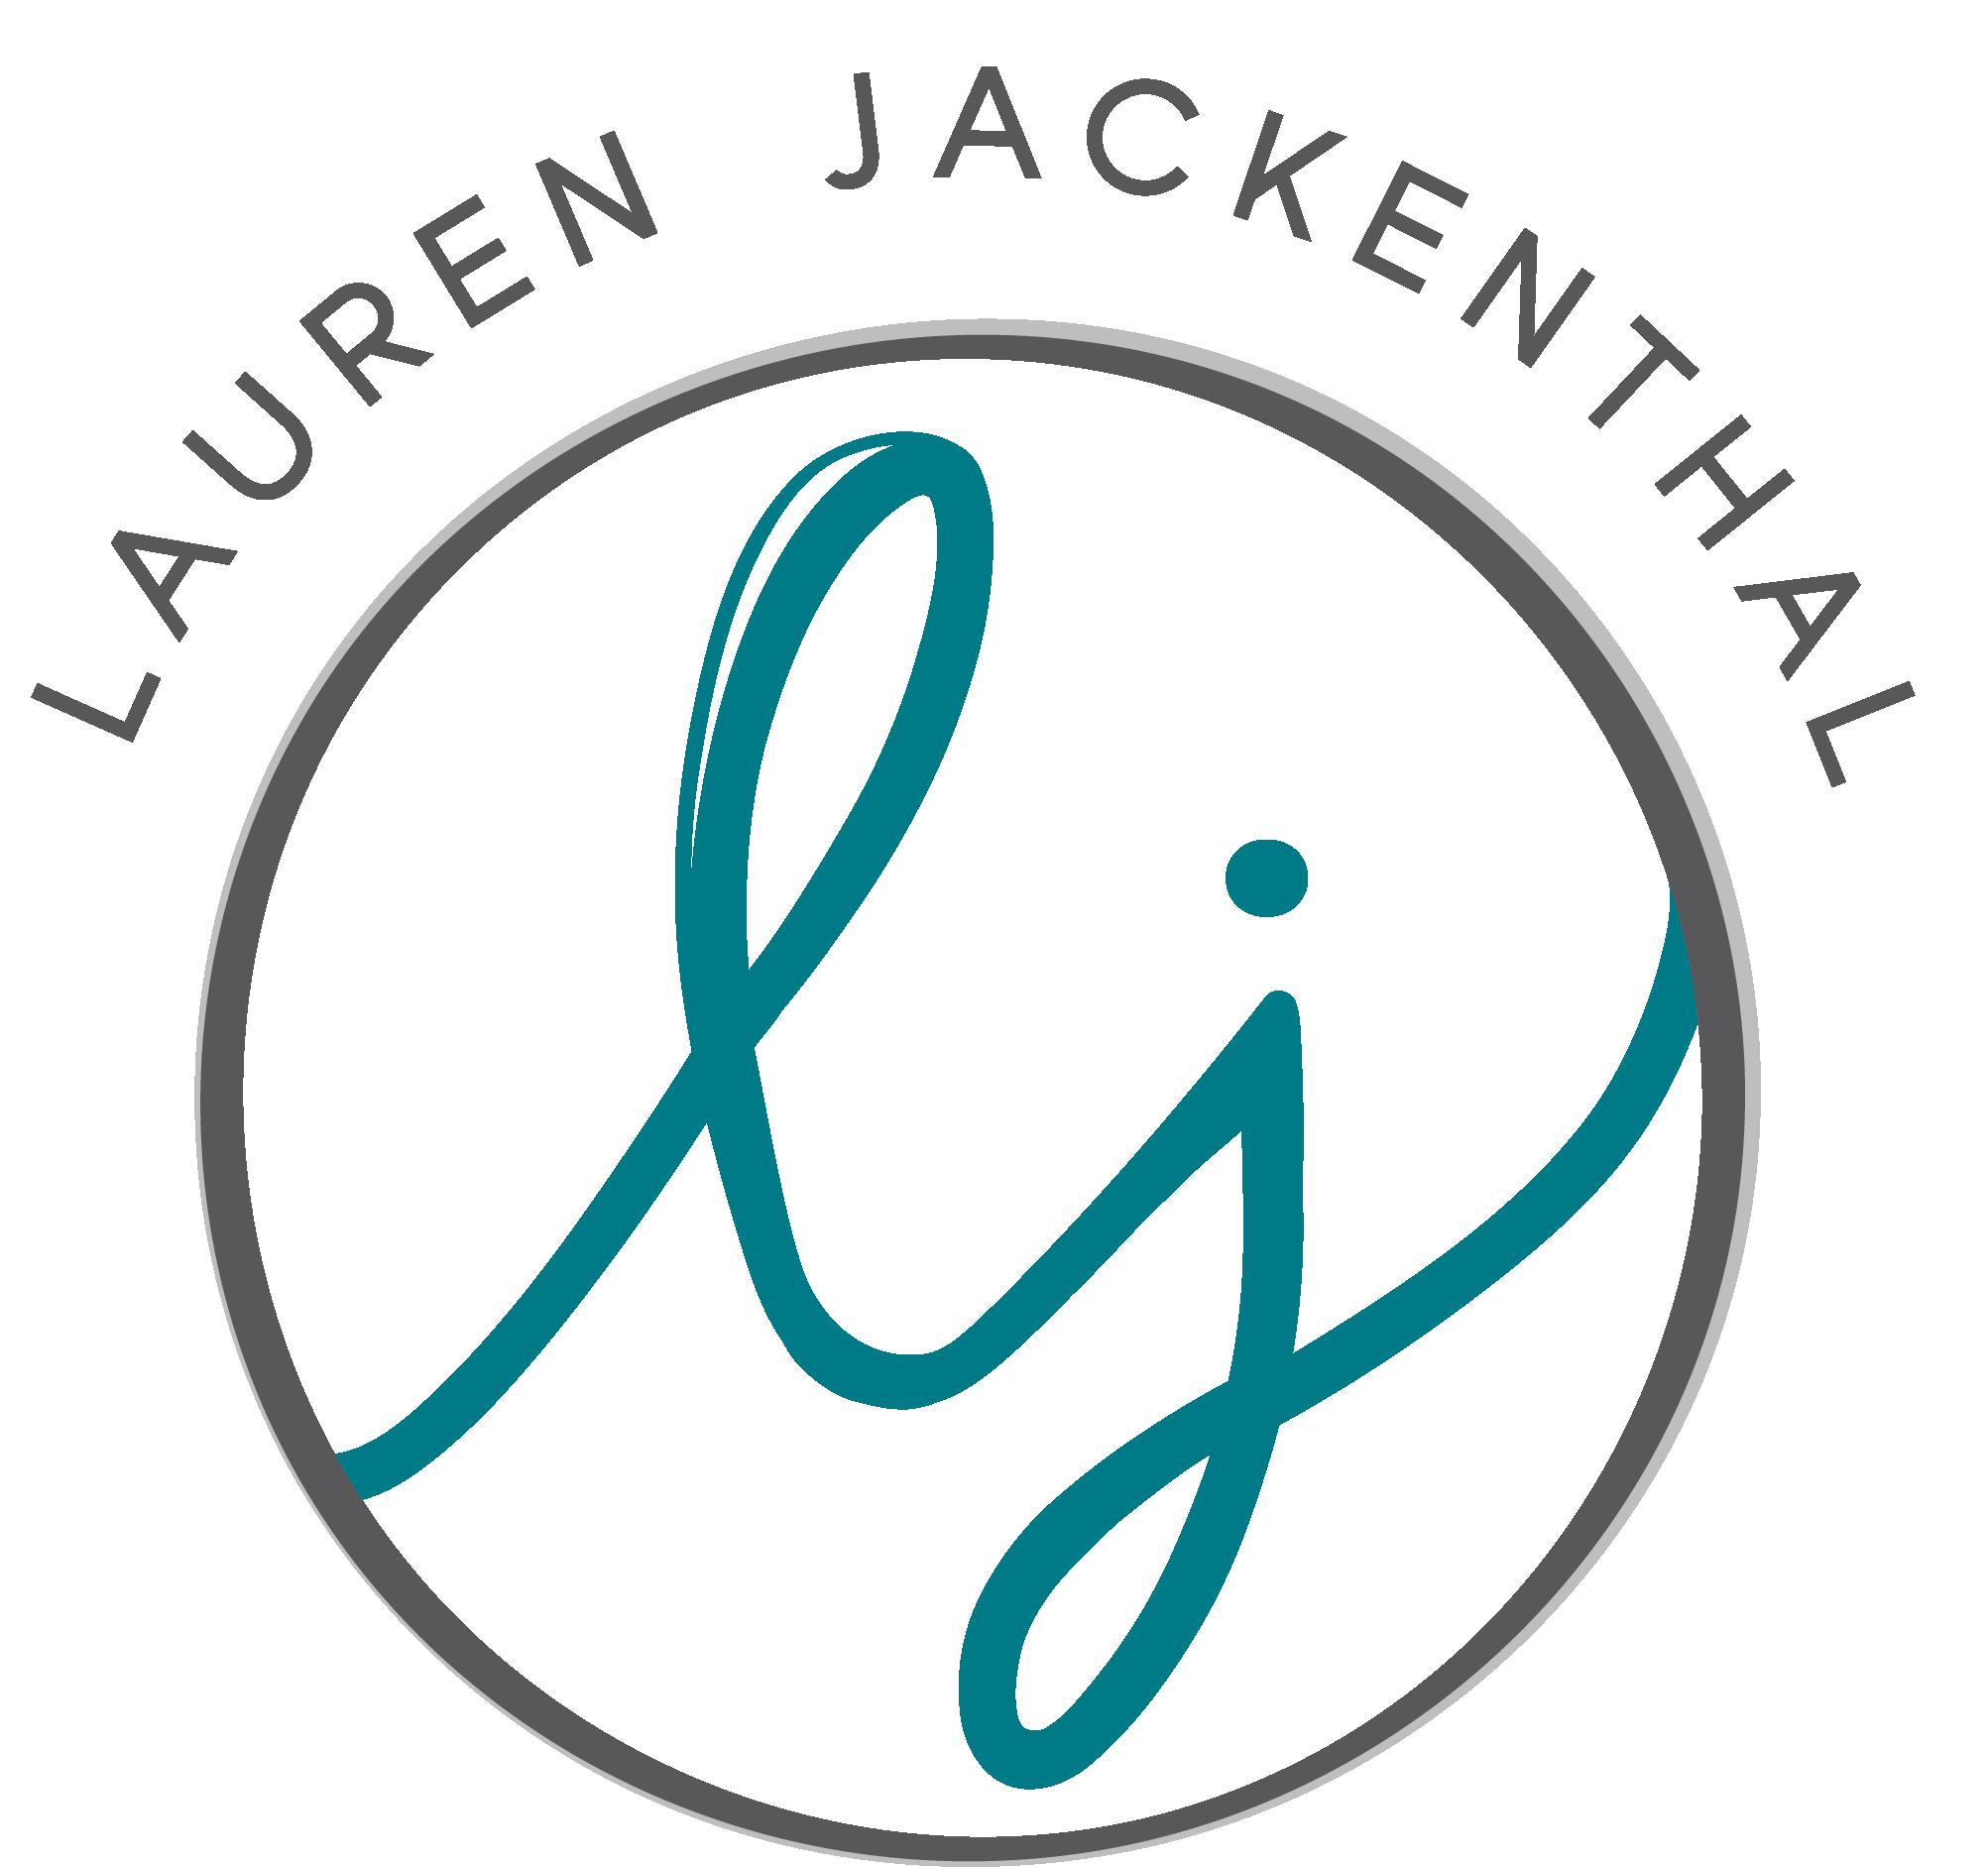 Lauren Jackenthal